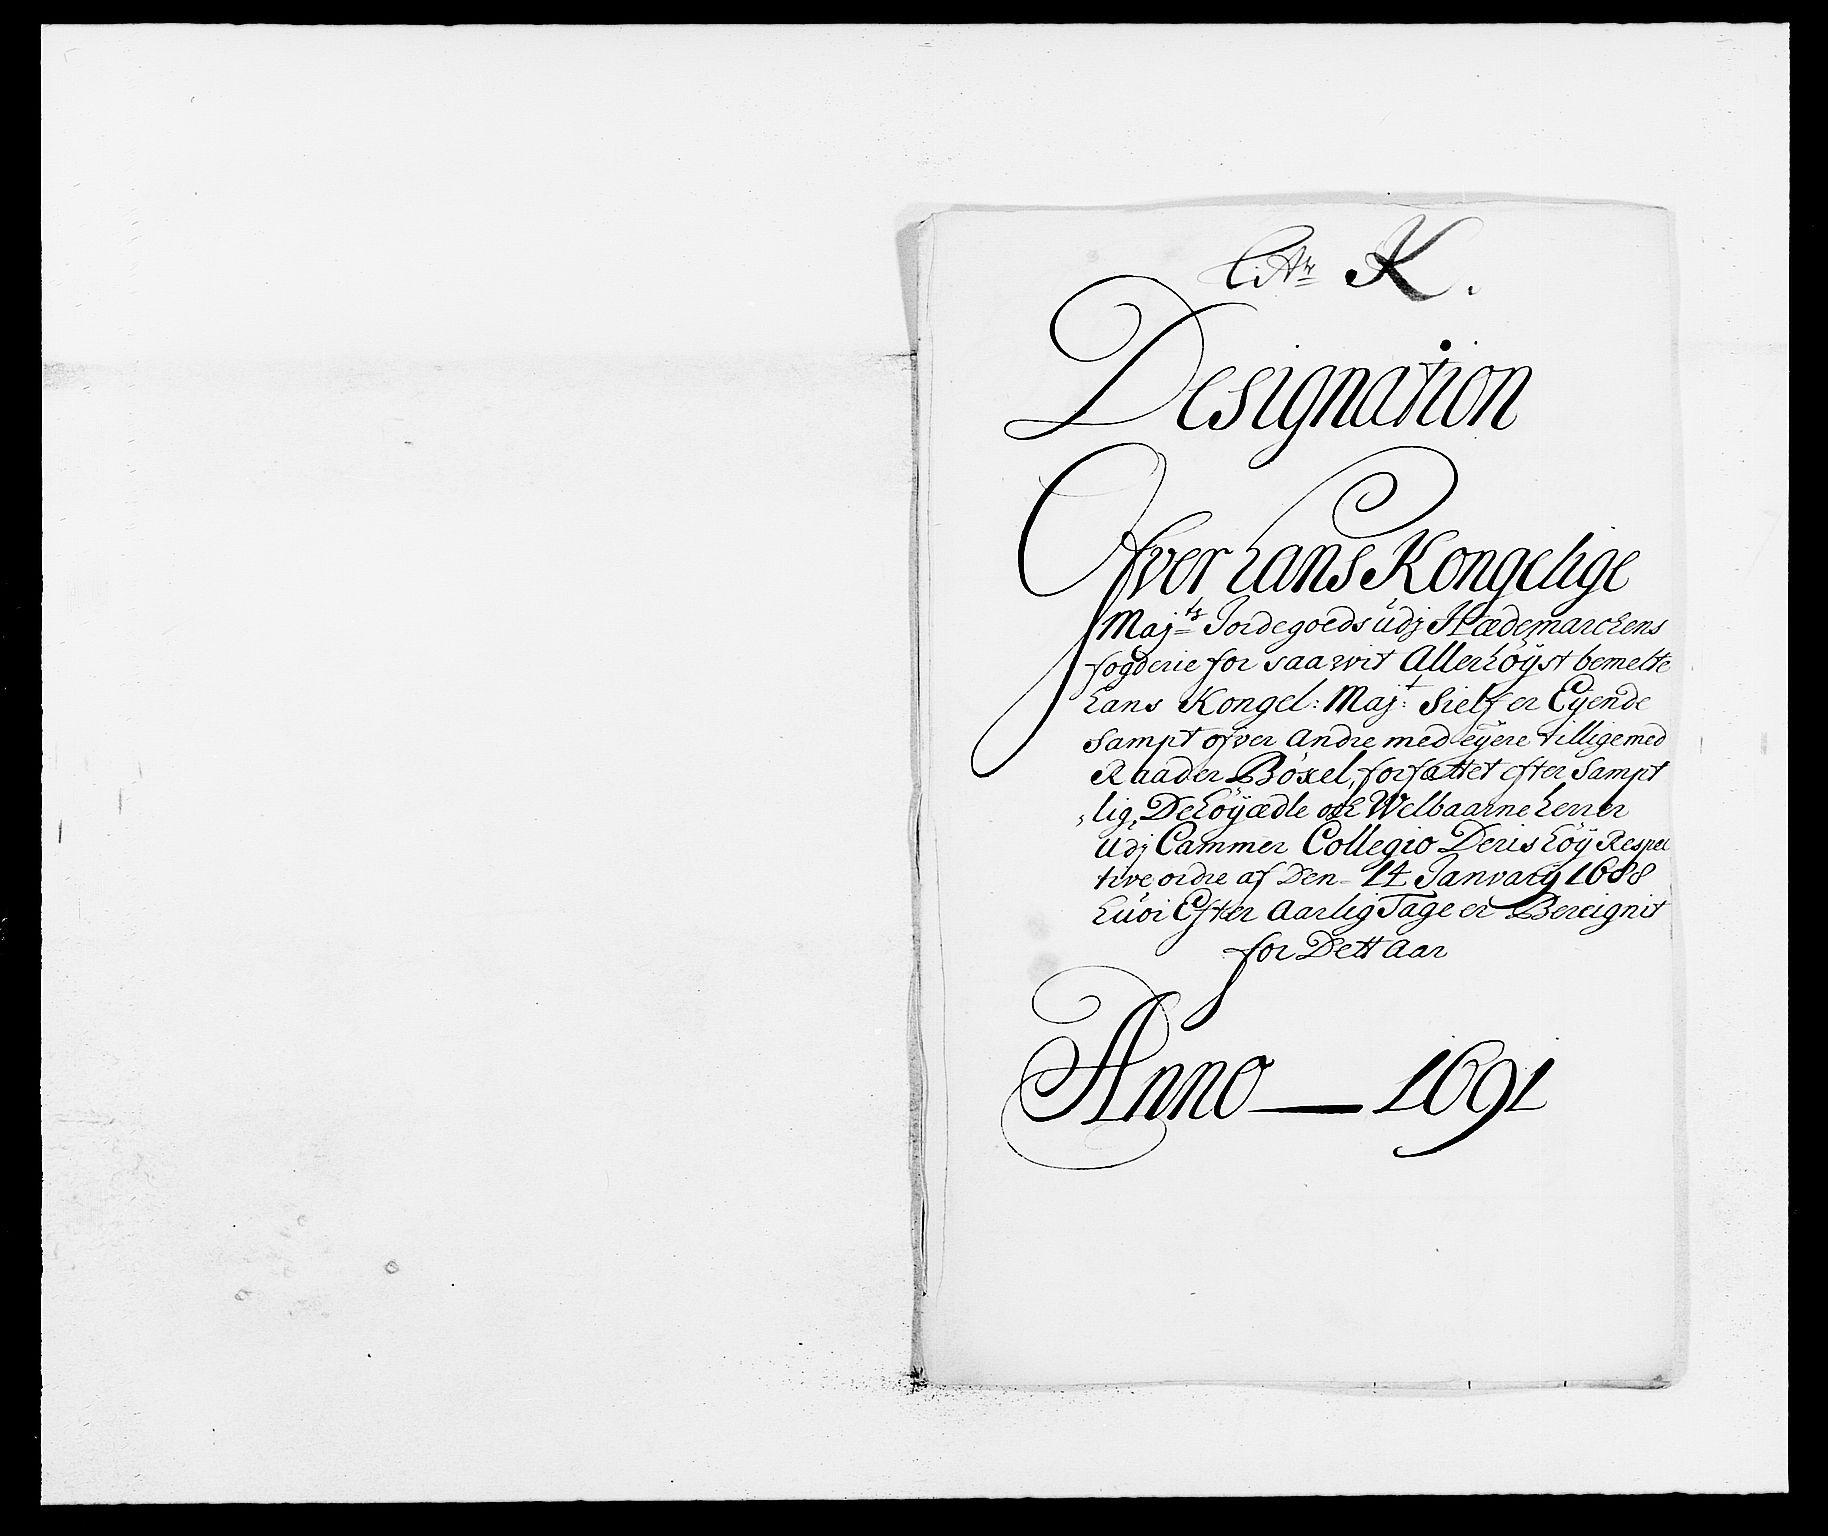 RA, Rentekammeret inntil 1814, Reviderte regnskaper, Fogderegnskap, R16/L1030: Fogderegnskap Hedmark, 1689-1691, s. 336